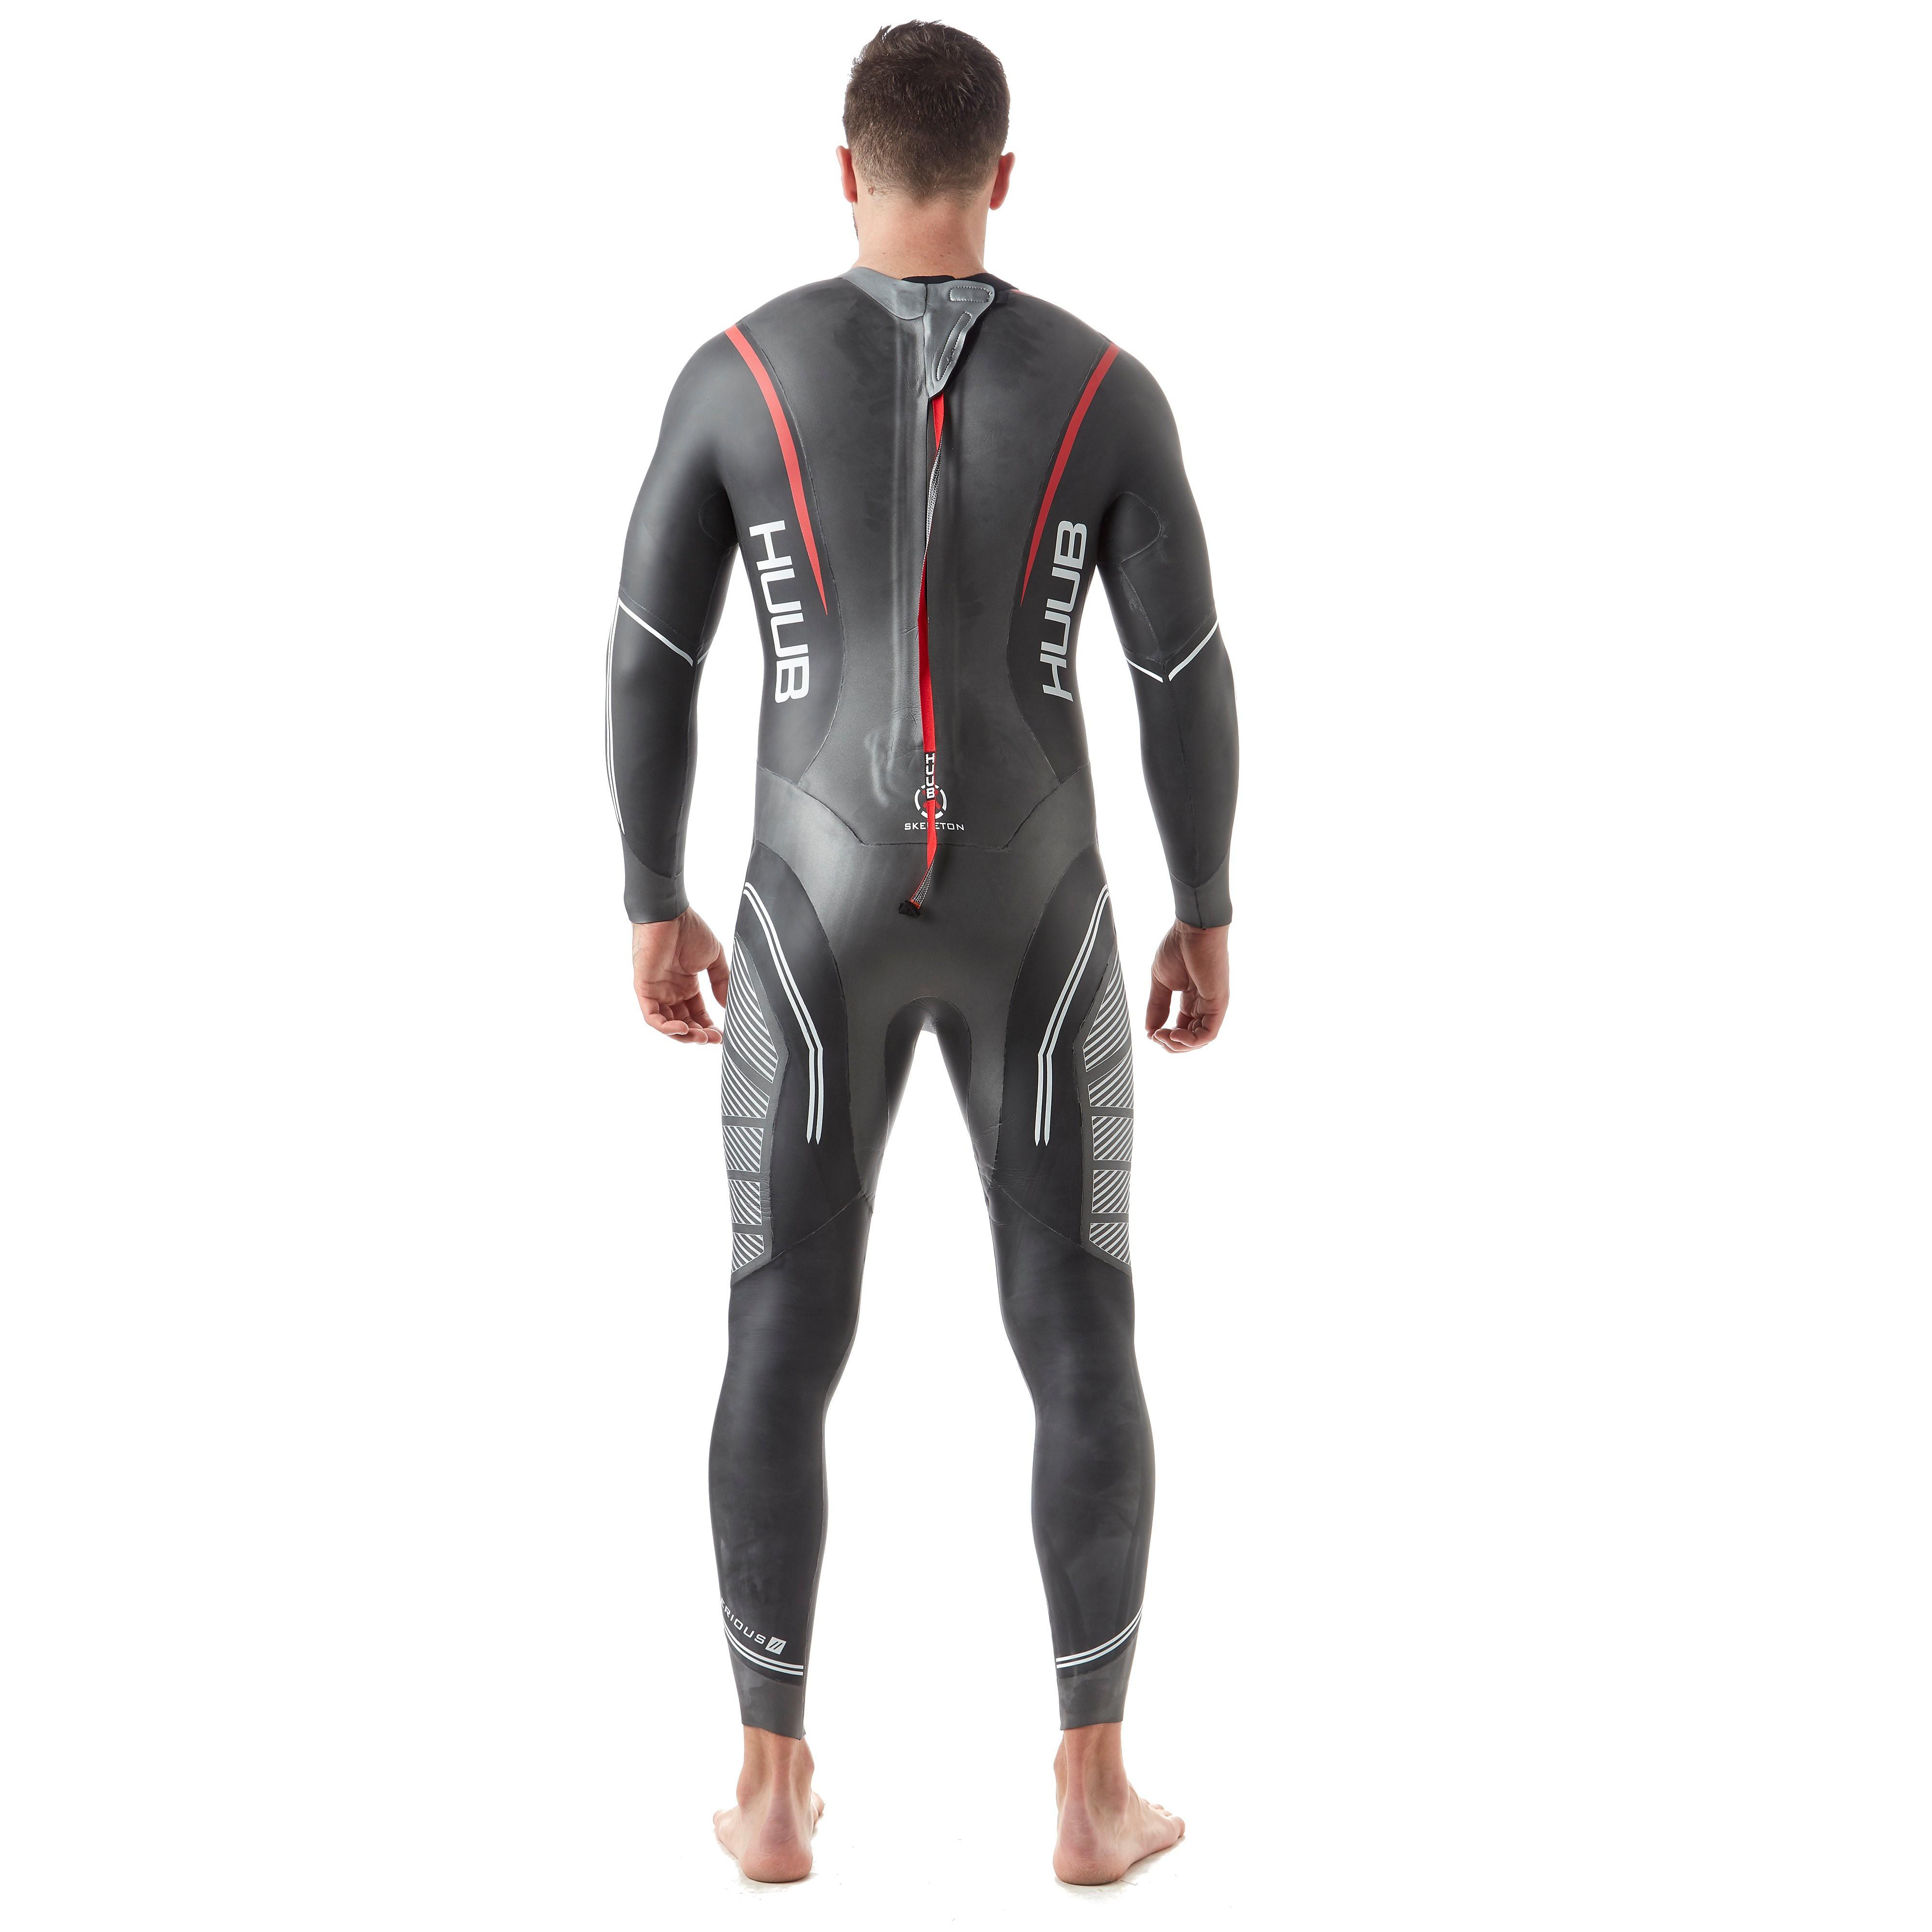 Huub Aerious II Triathlon Men's Wetsuit